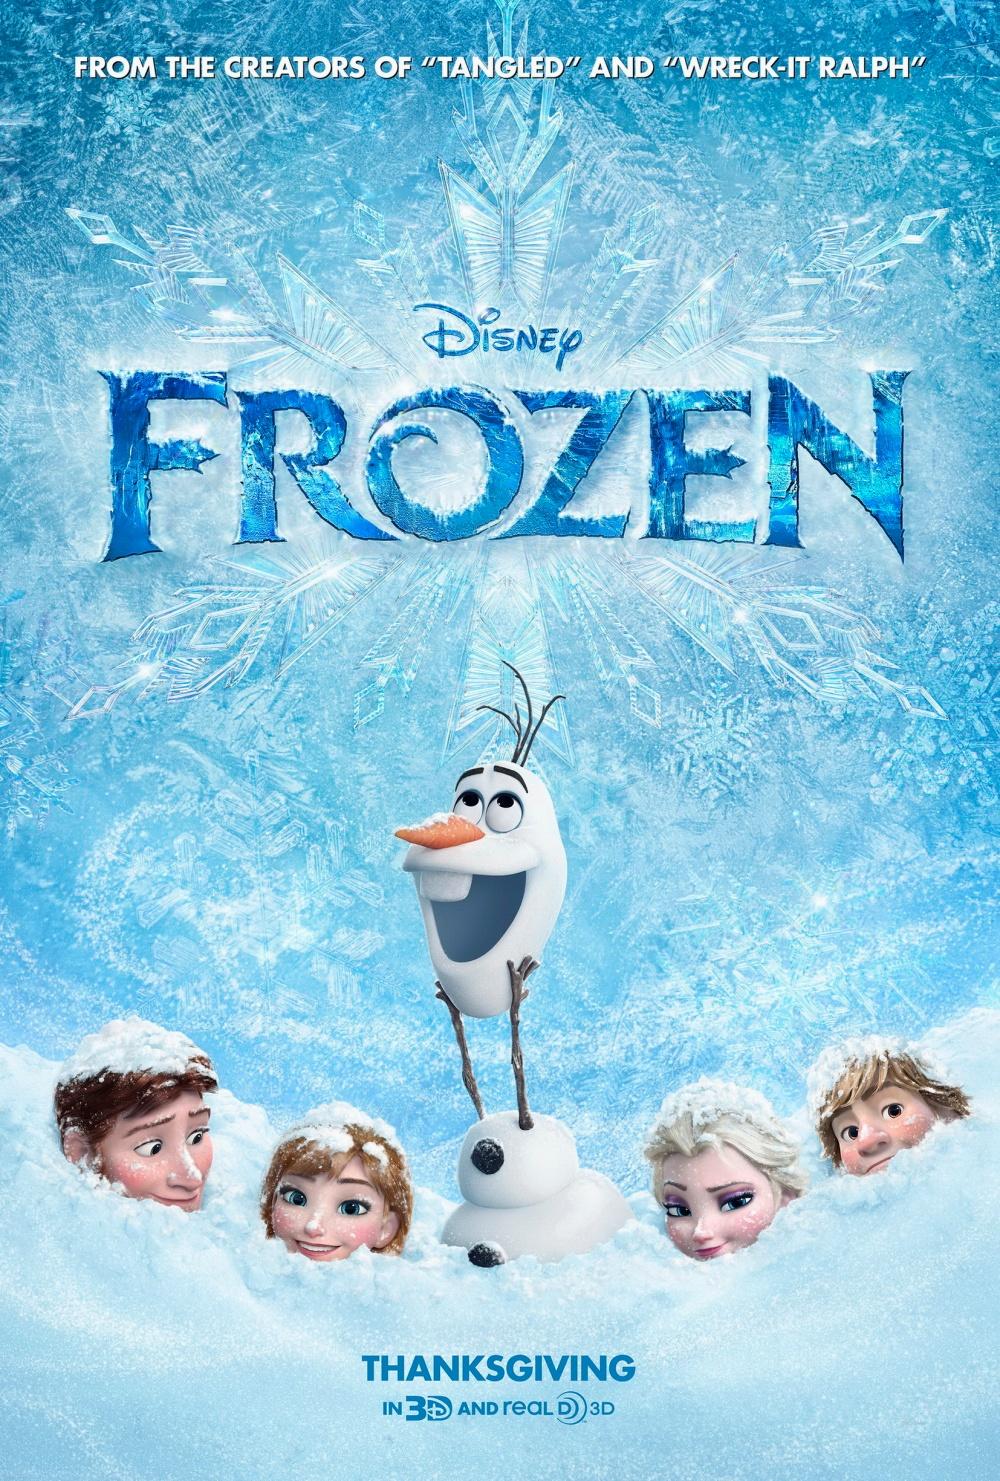 53.-Frozen-2013